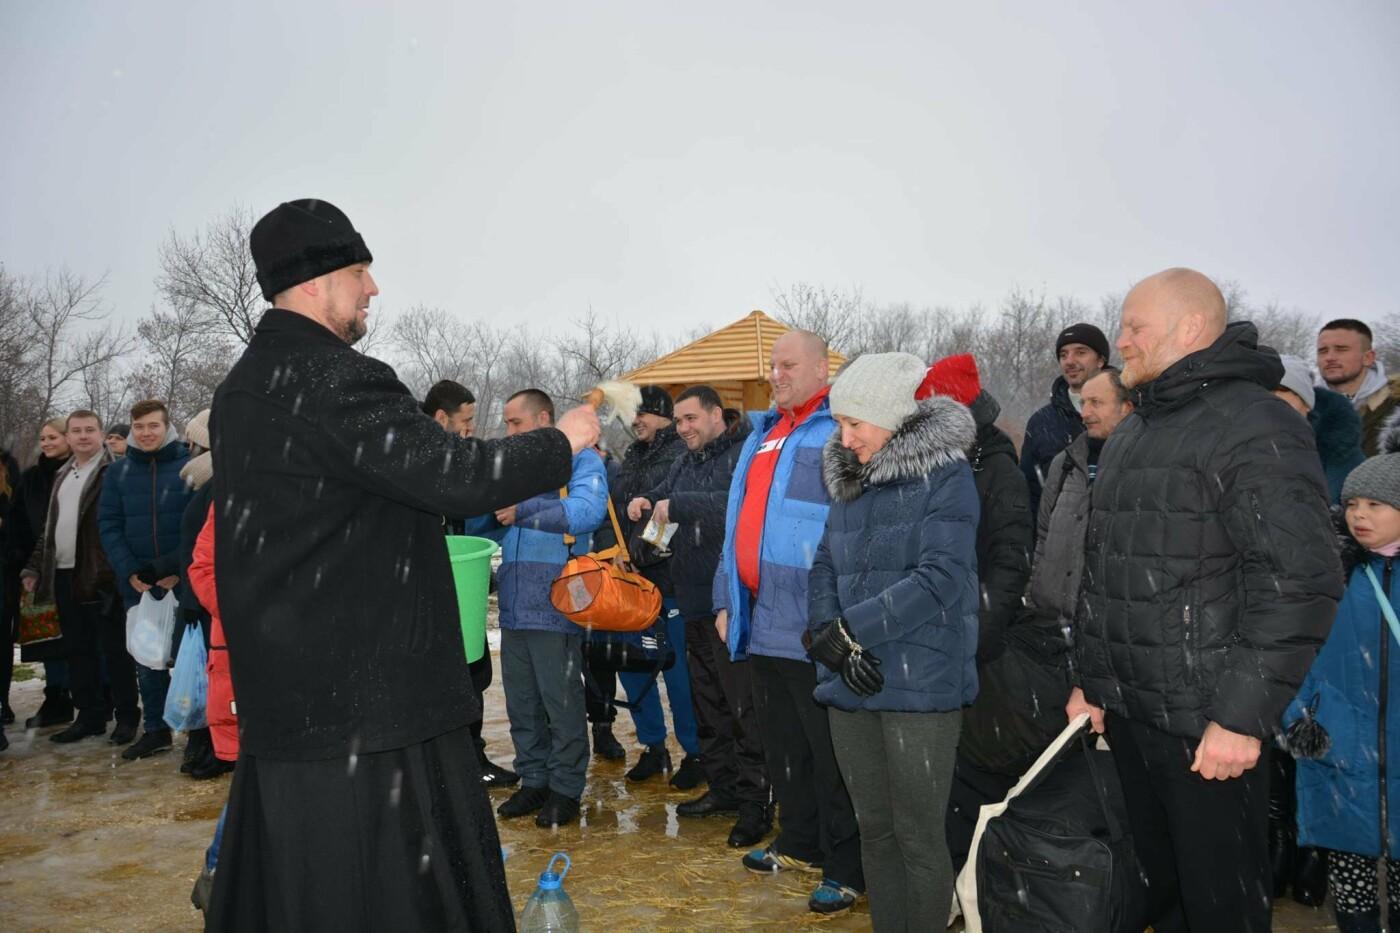 Свято Водохреща в Костянтинівці пройшло без надзвичайних ситуацій (фото), фото-4